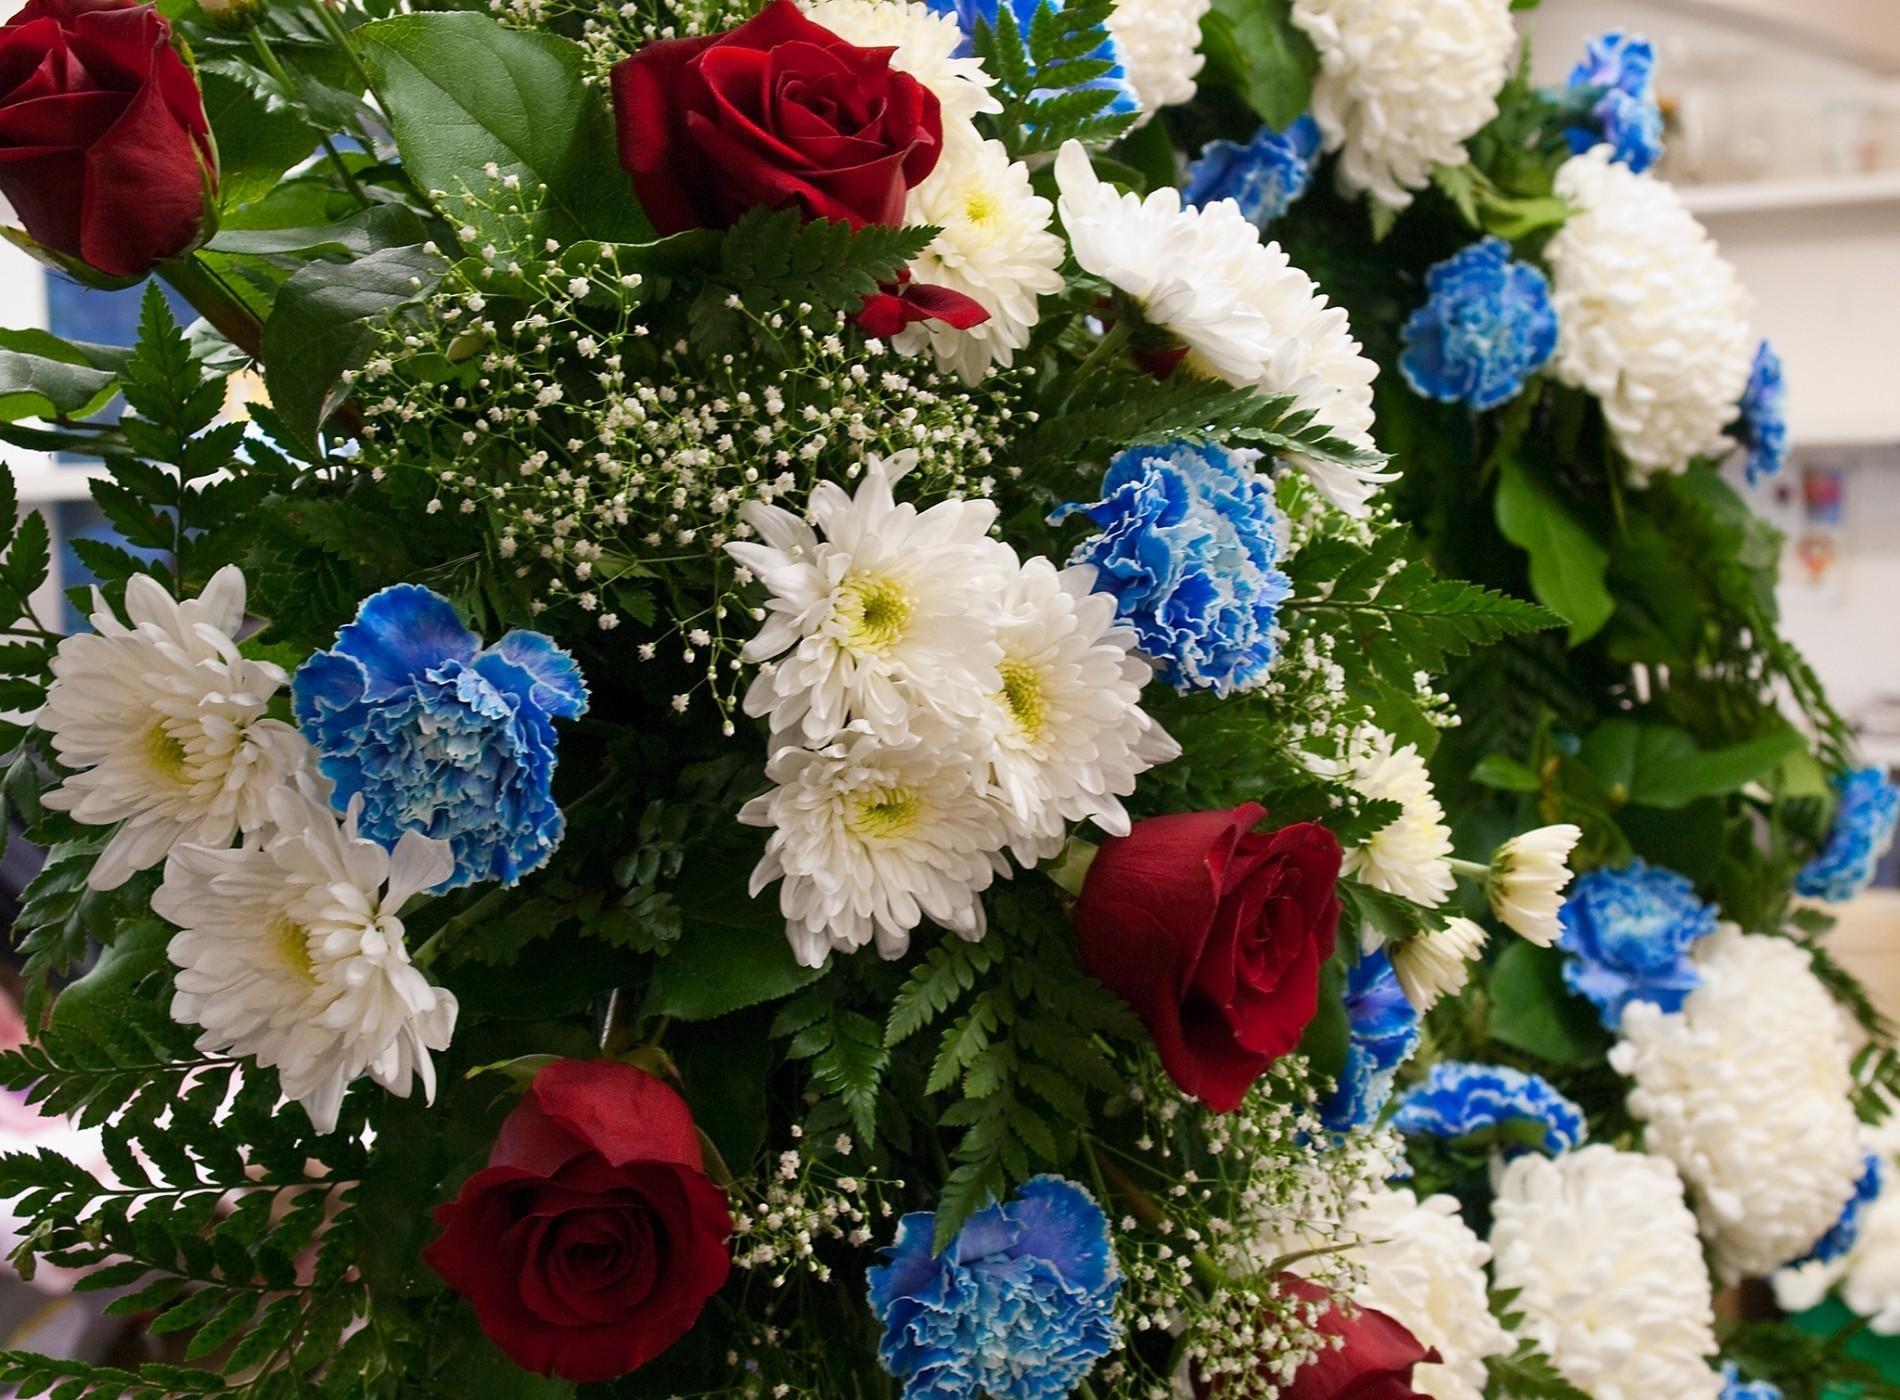 128495 скачать обои Шикарно, Цветы, Розы, Хризантемы, Гвоздики, Зелень, Букет, Гипсофил - заставки и картинки бесплатно